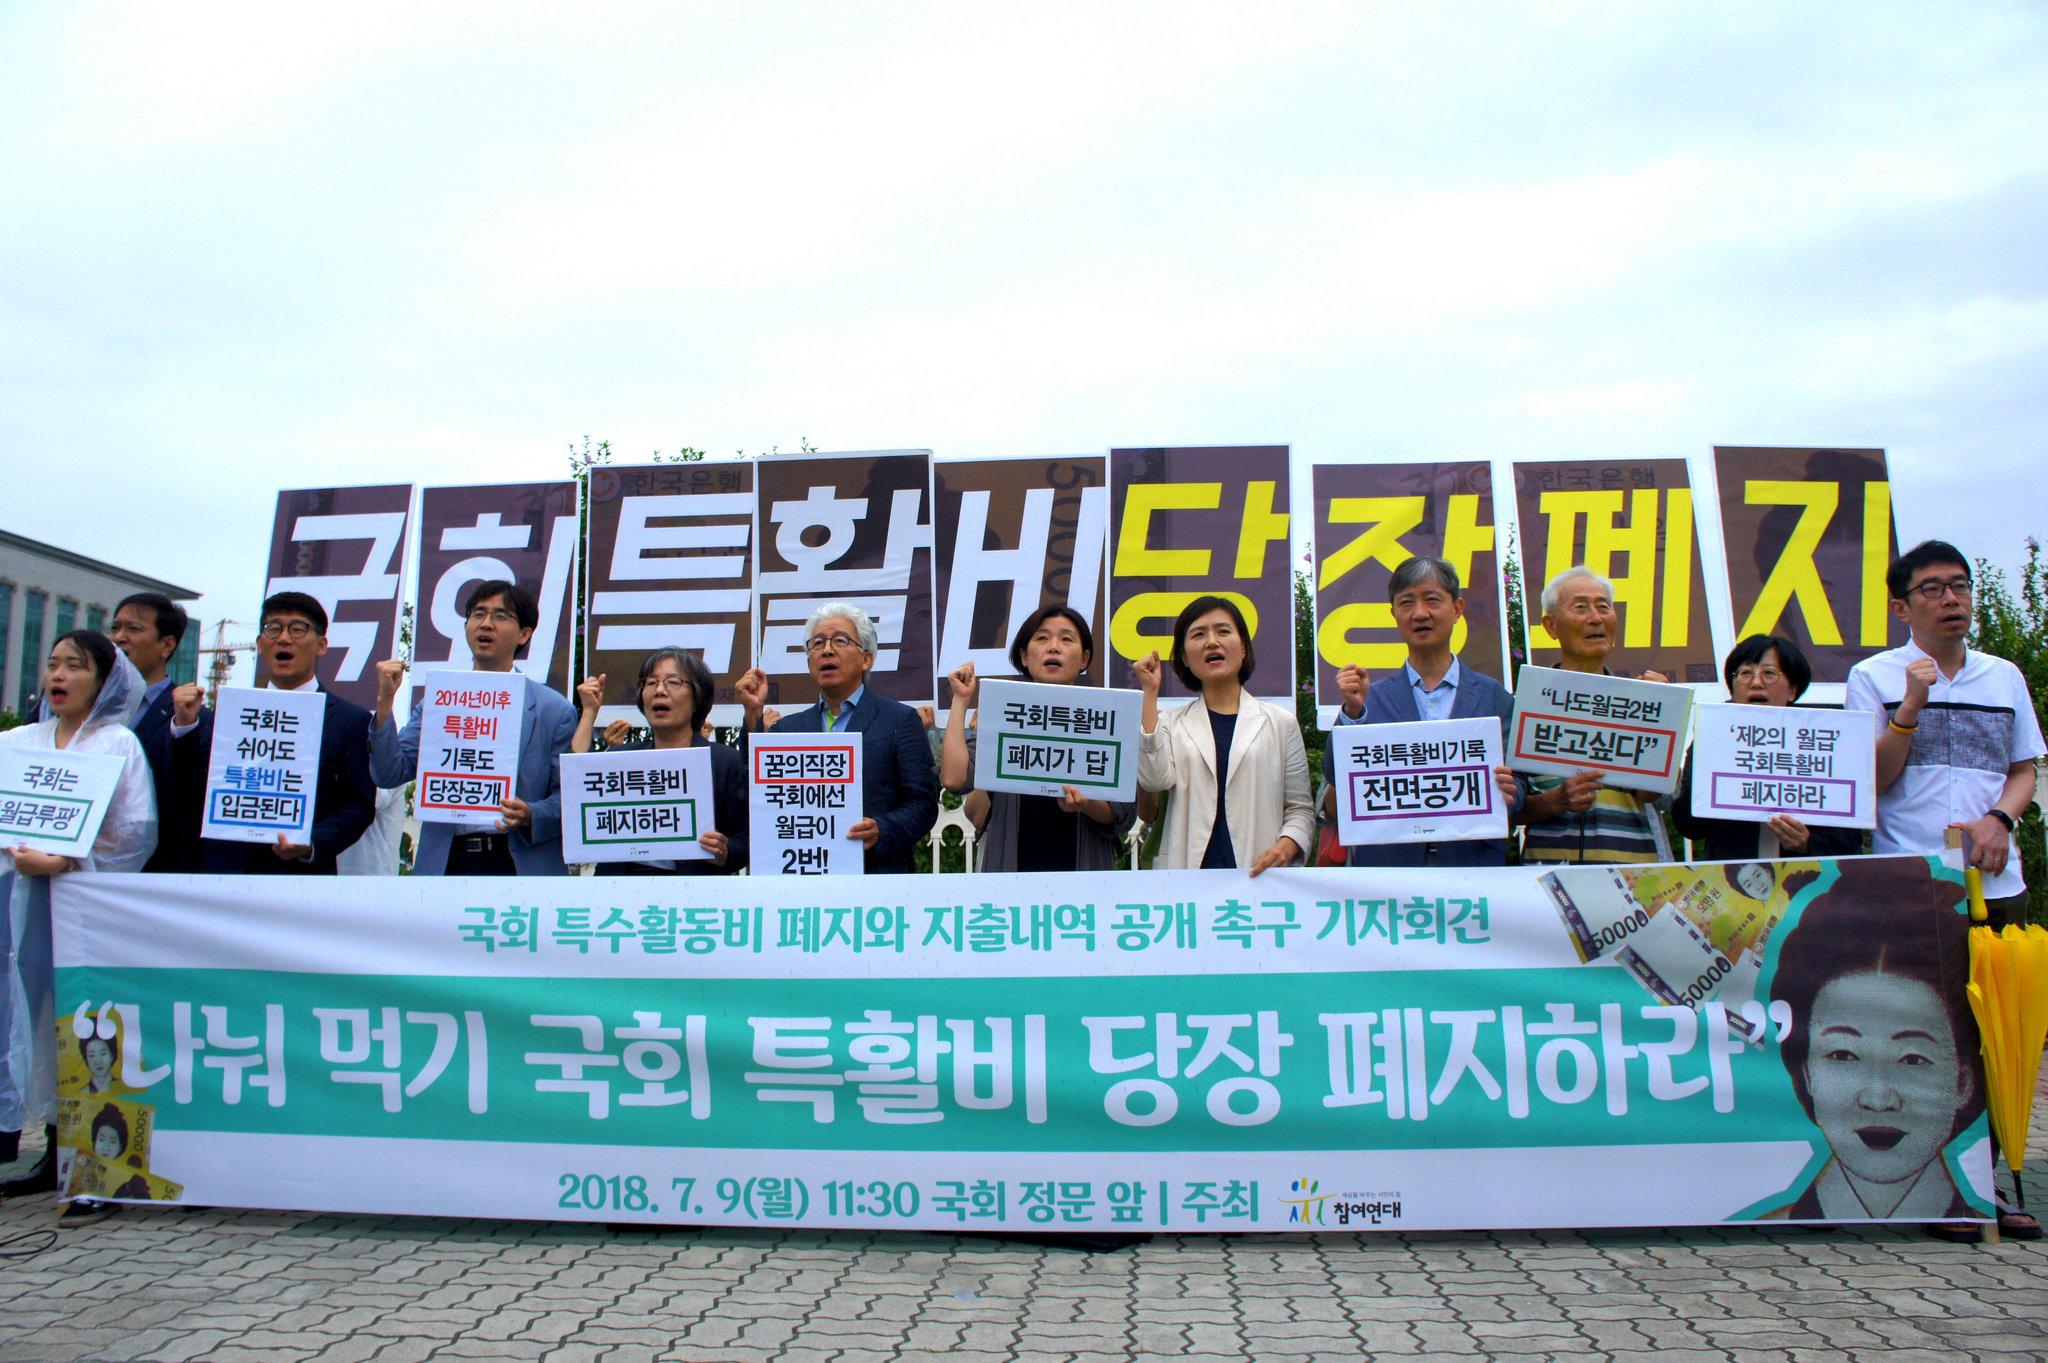 국회특수활동비 폐지 촉구 기자회견